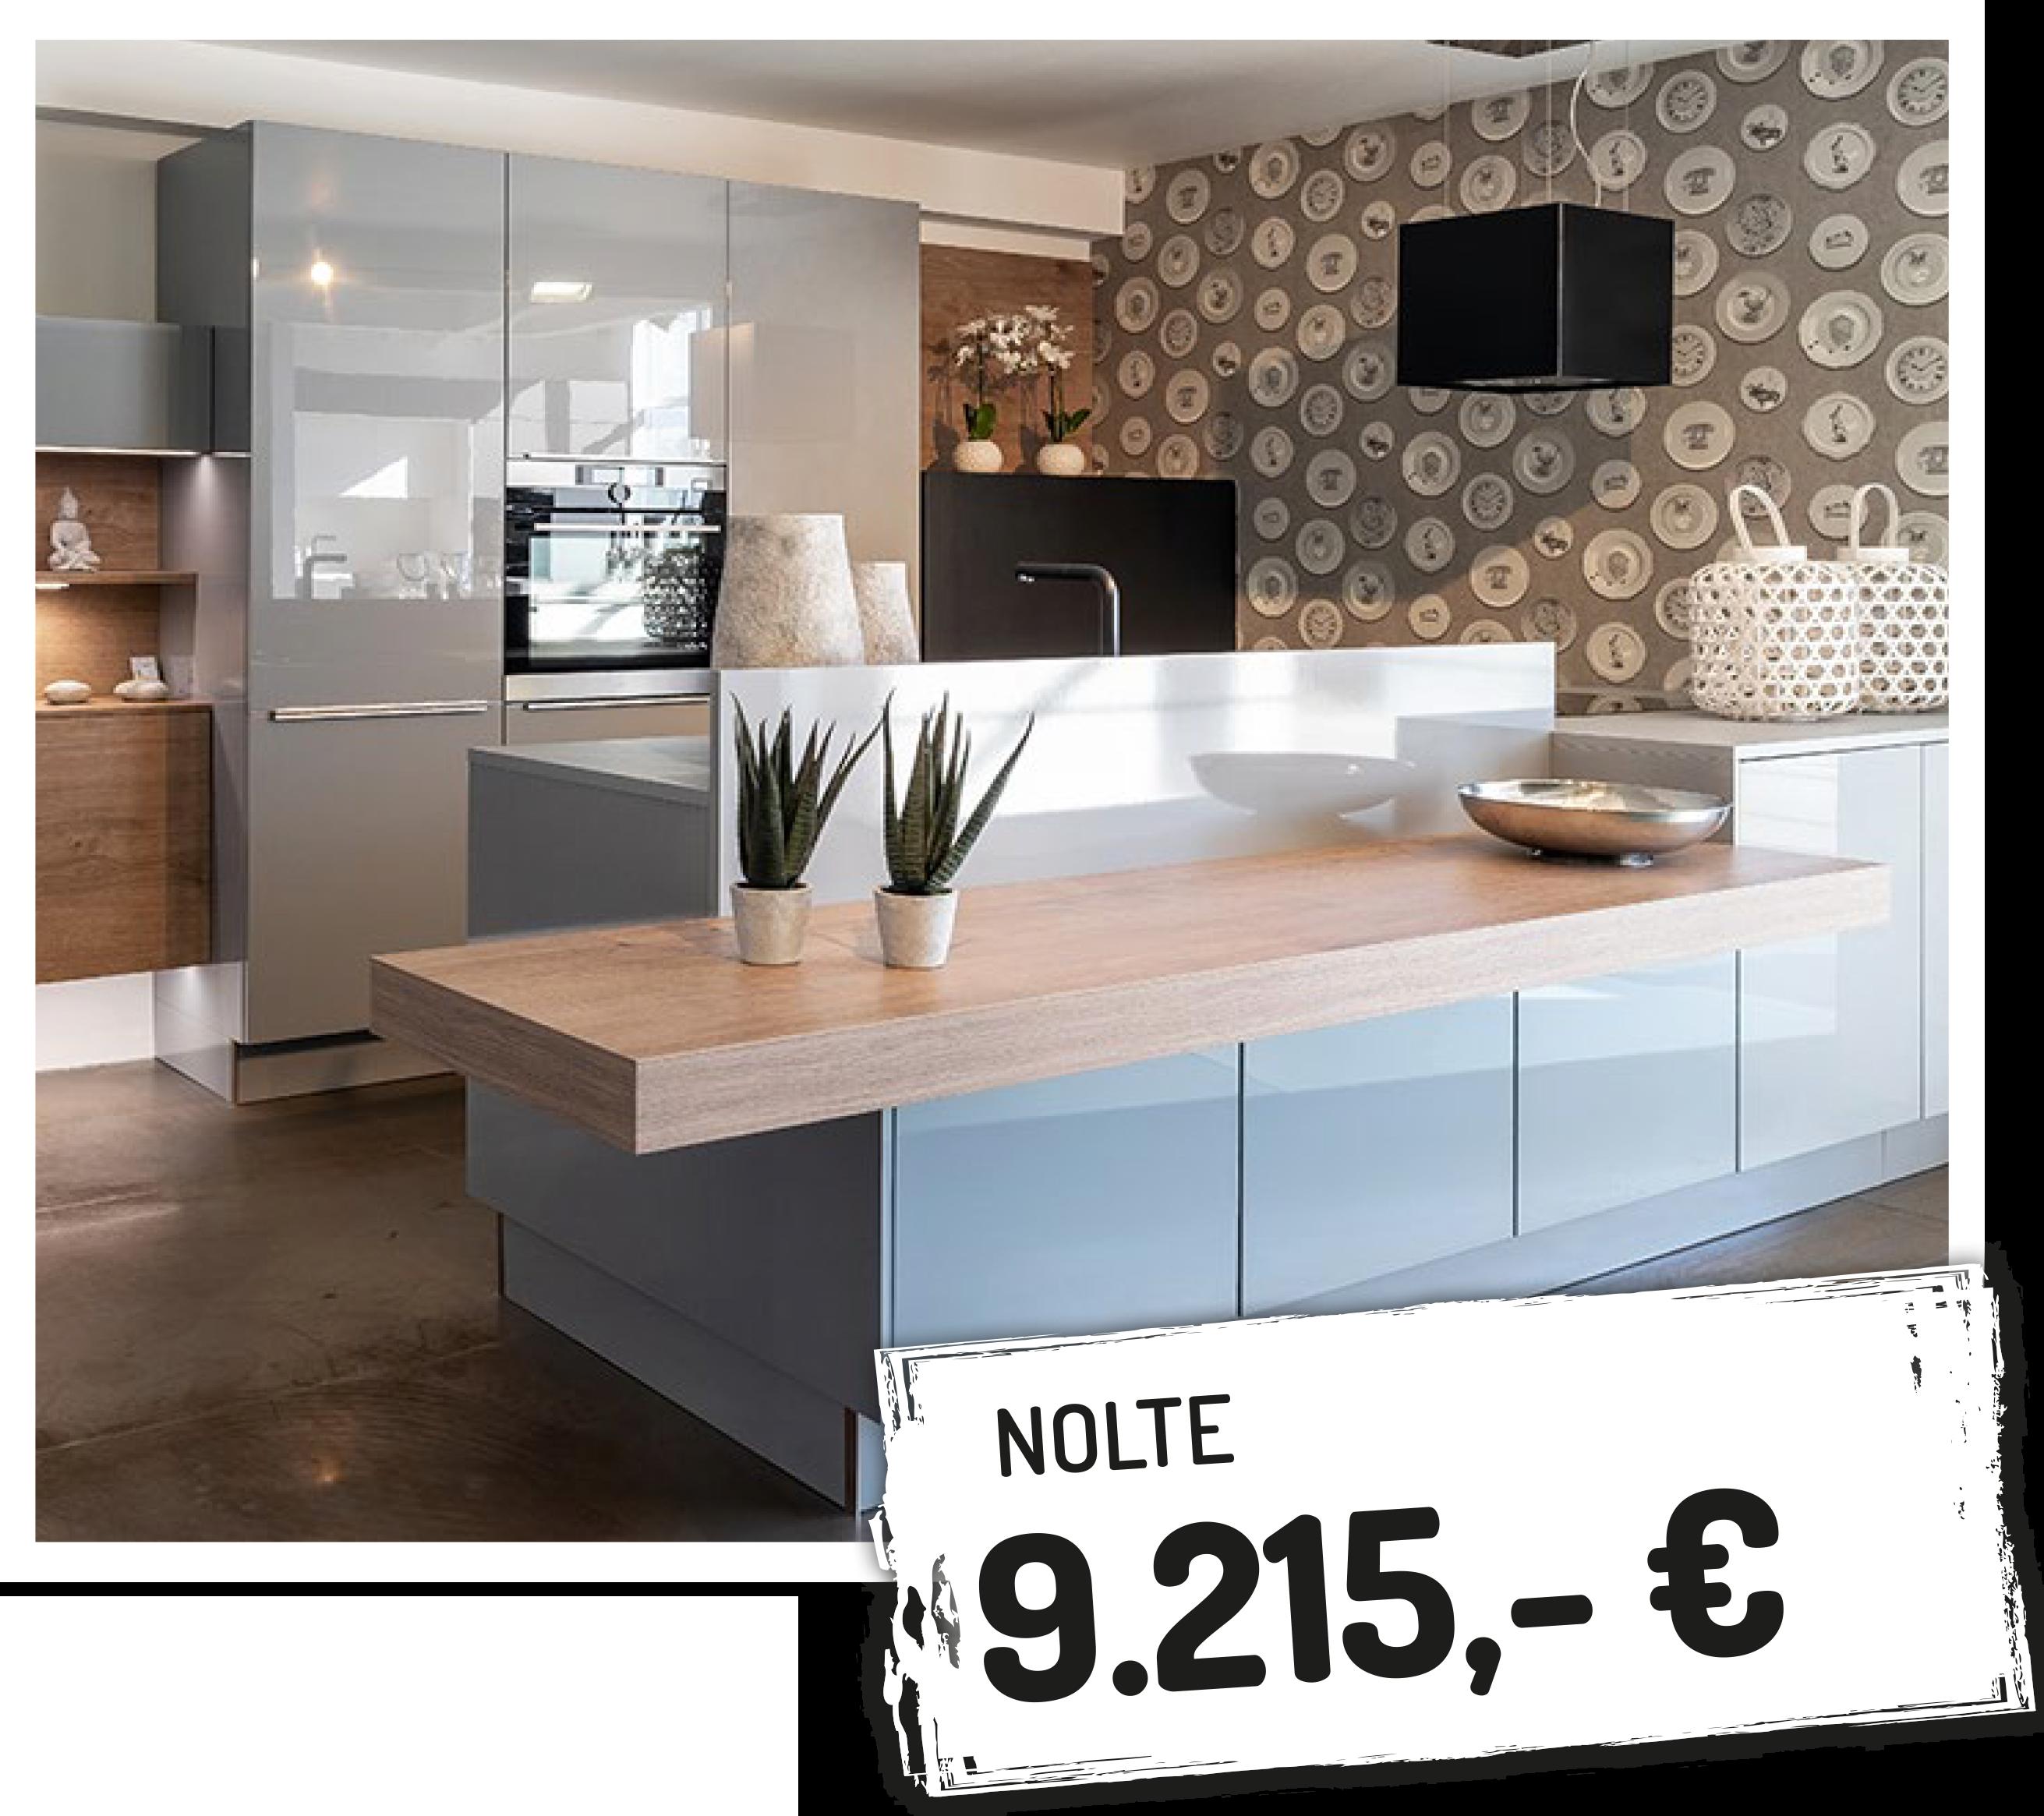 nolte-nova-lack-1